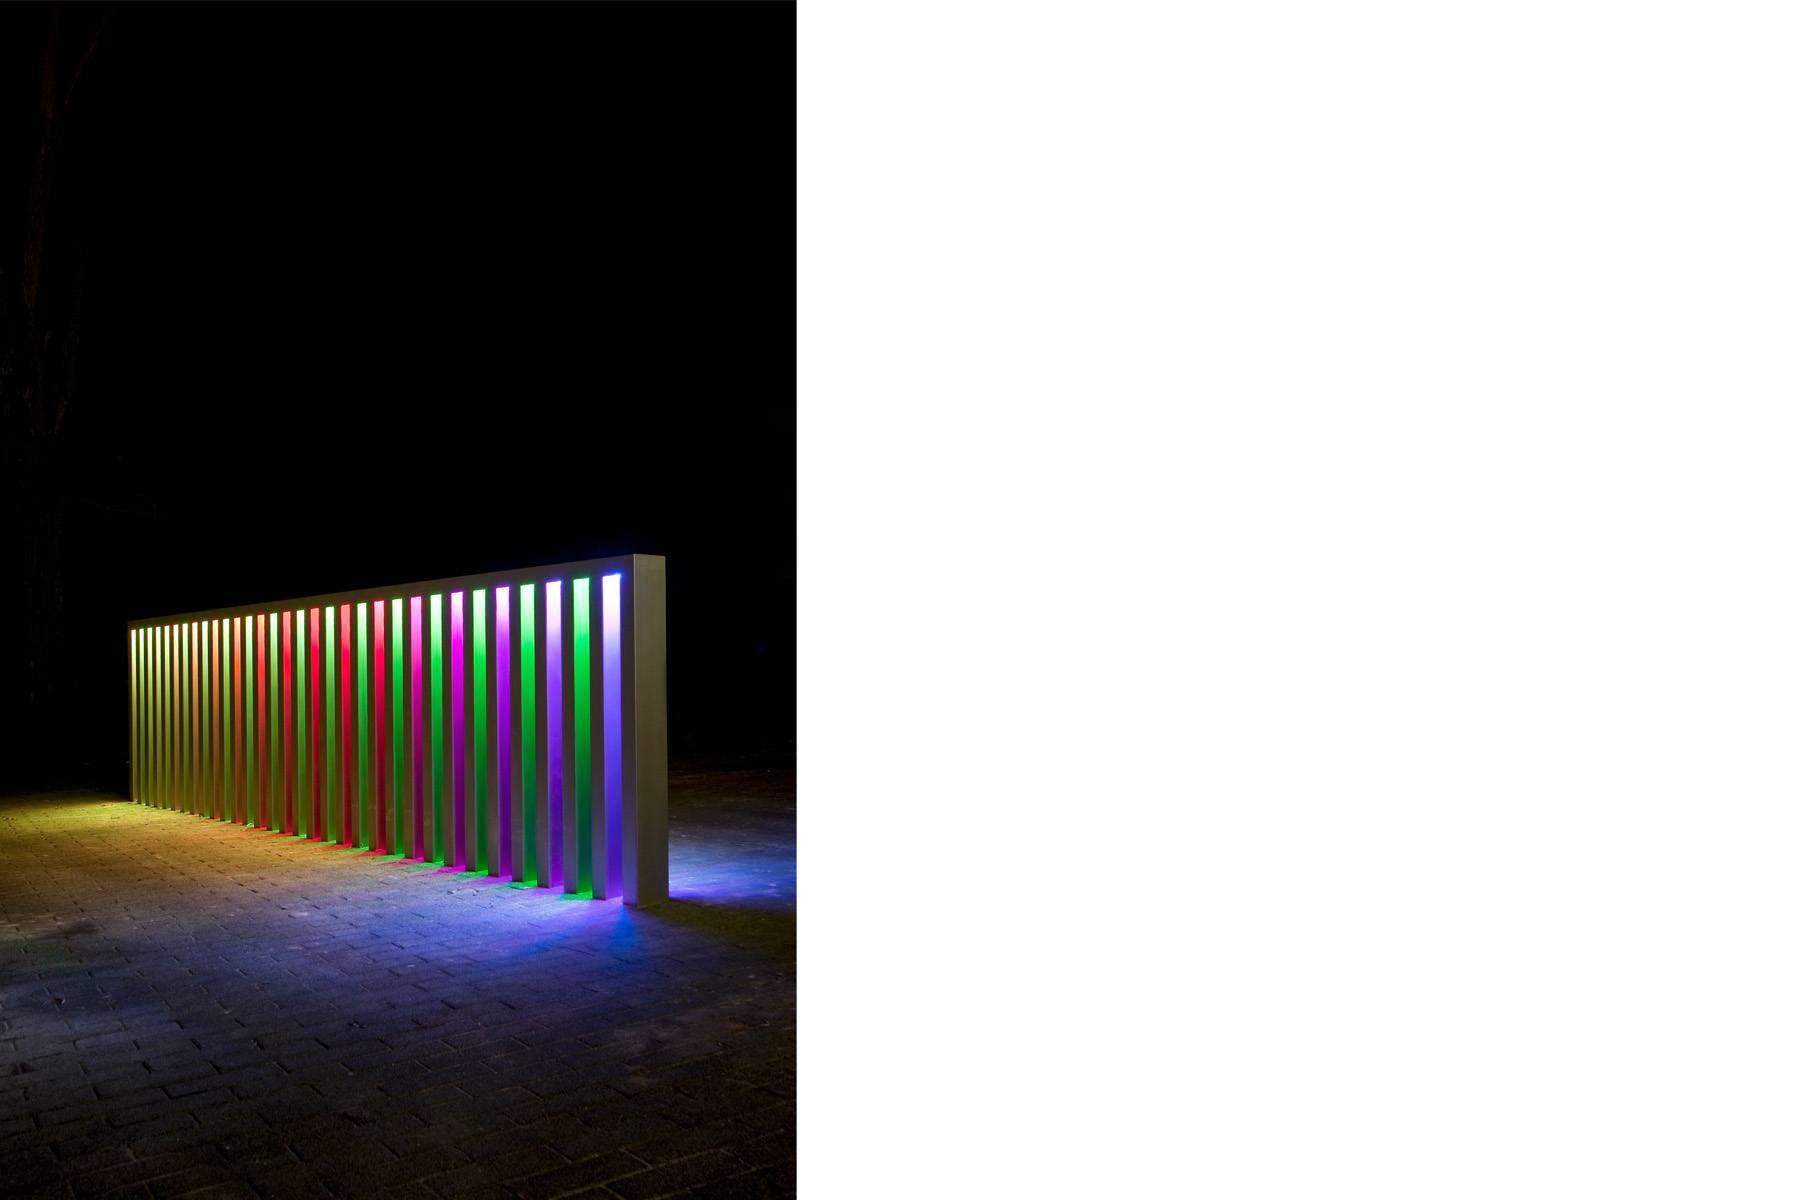 Breda / NHTV / 2010 - Lichtkunst